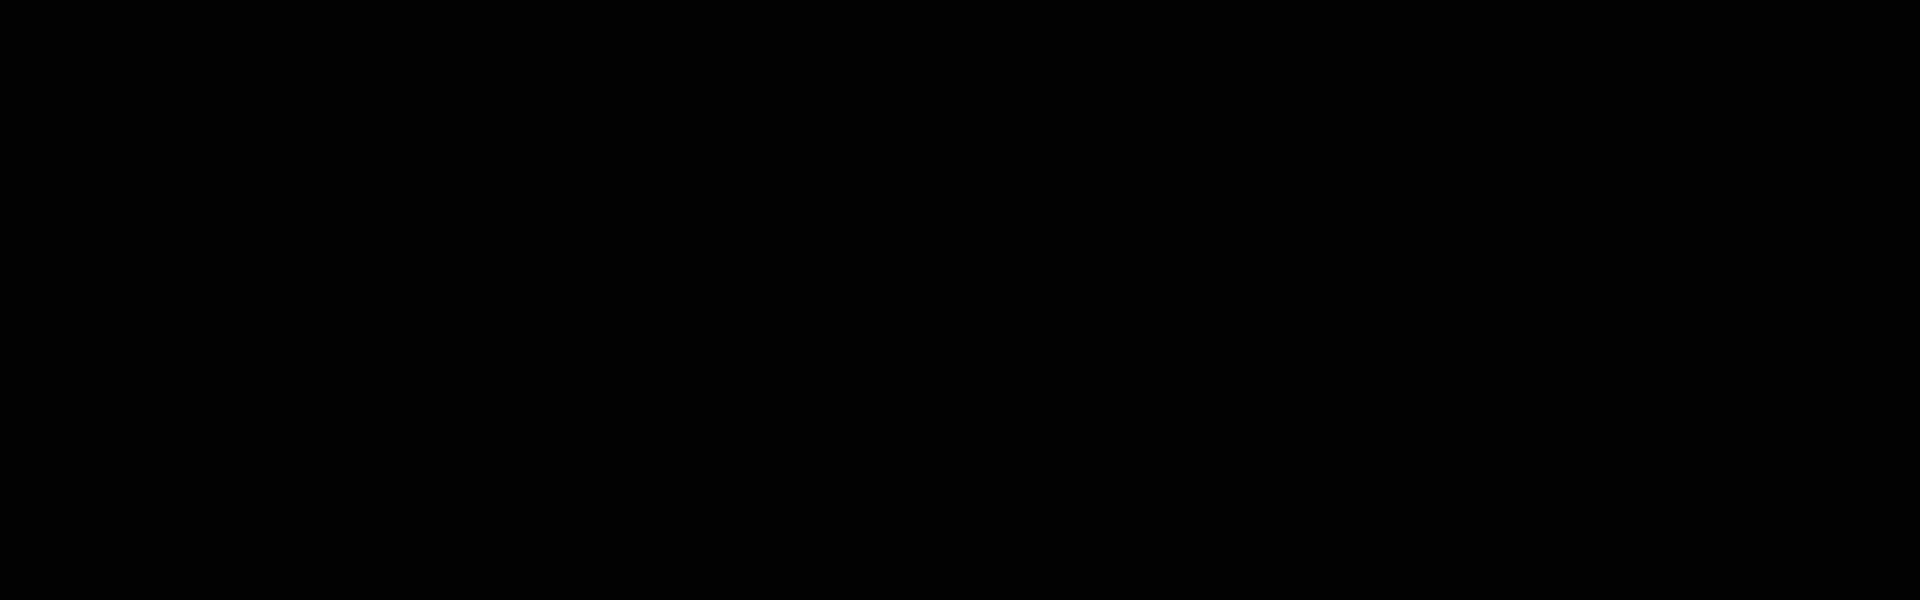 ++SCHWABEN APOTHEKE – FFP-2-MASKEN++